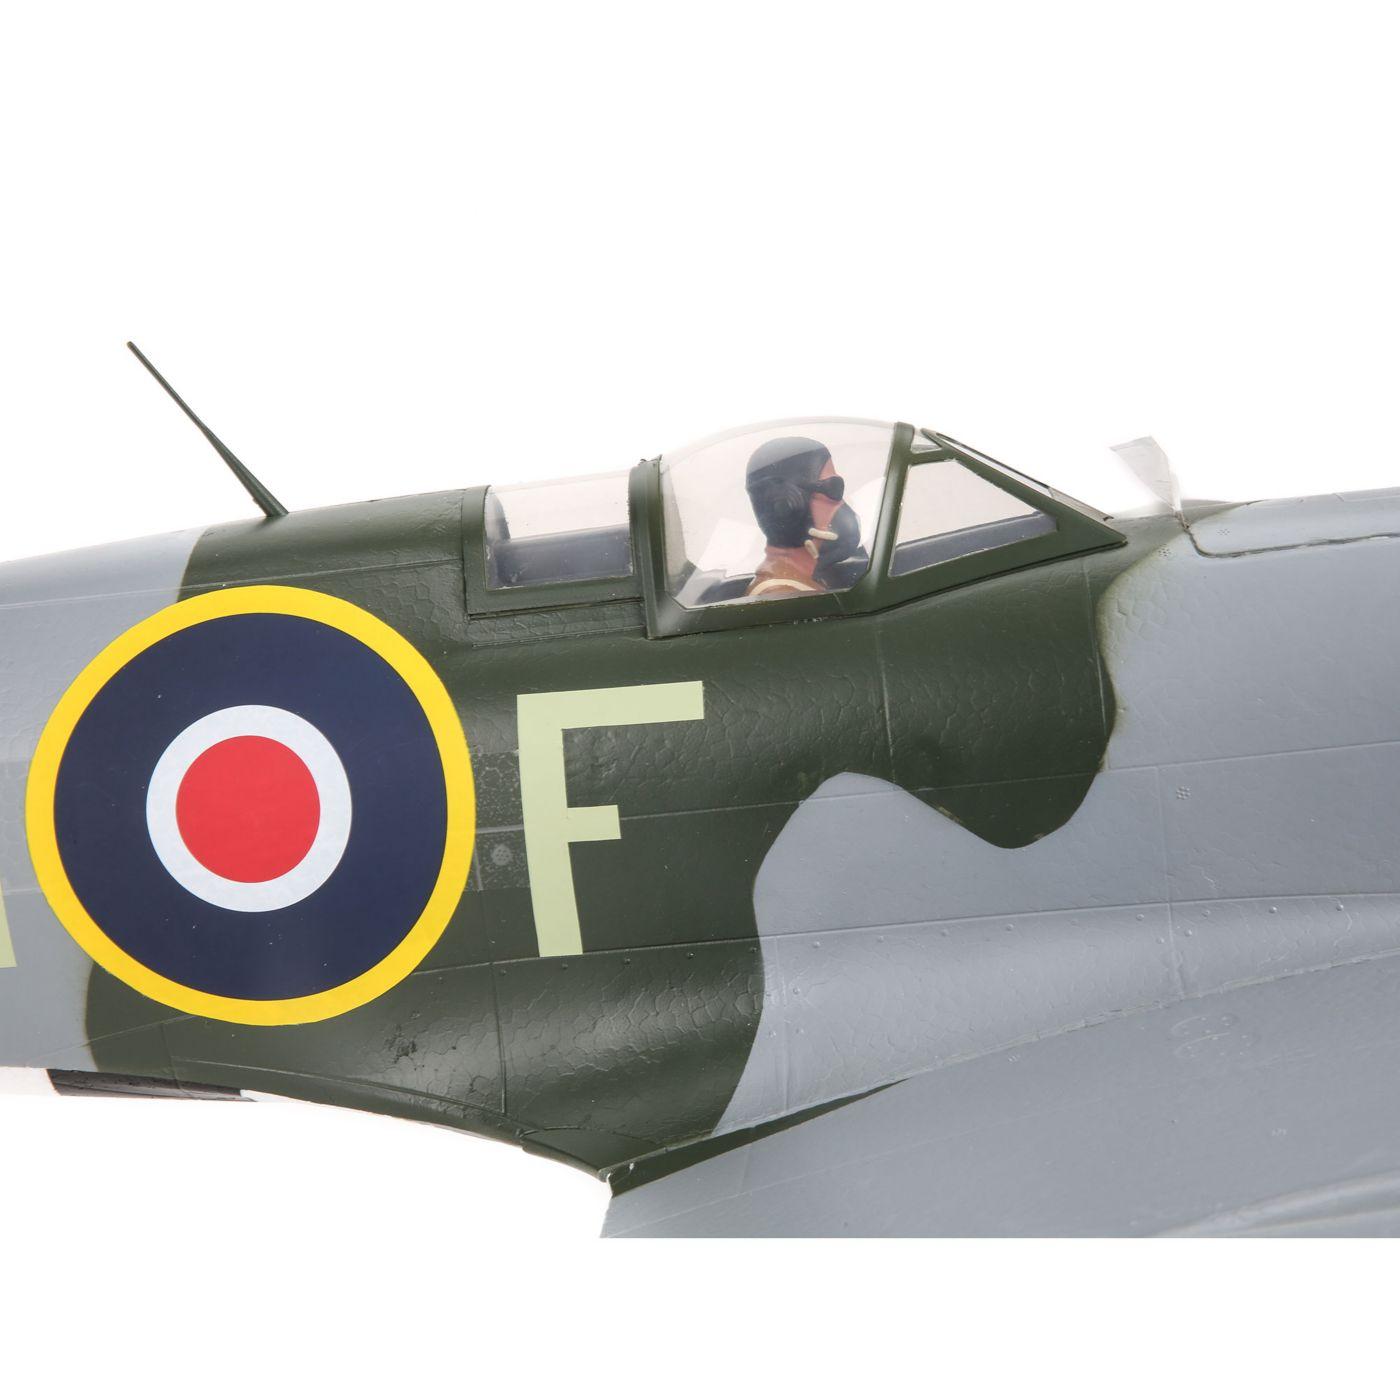 E-flite Spitfire MK Warbird bnf safe as3x 07